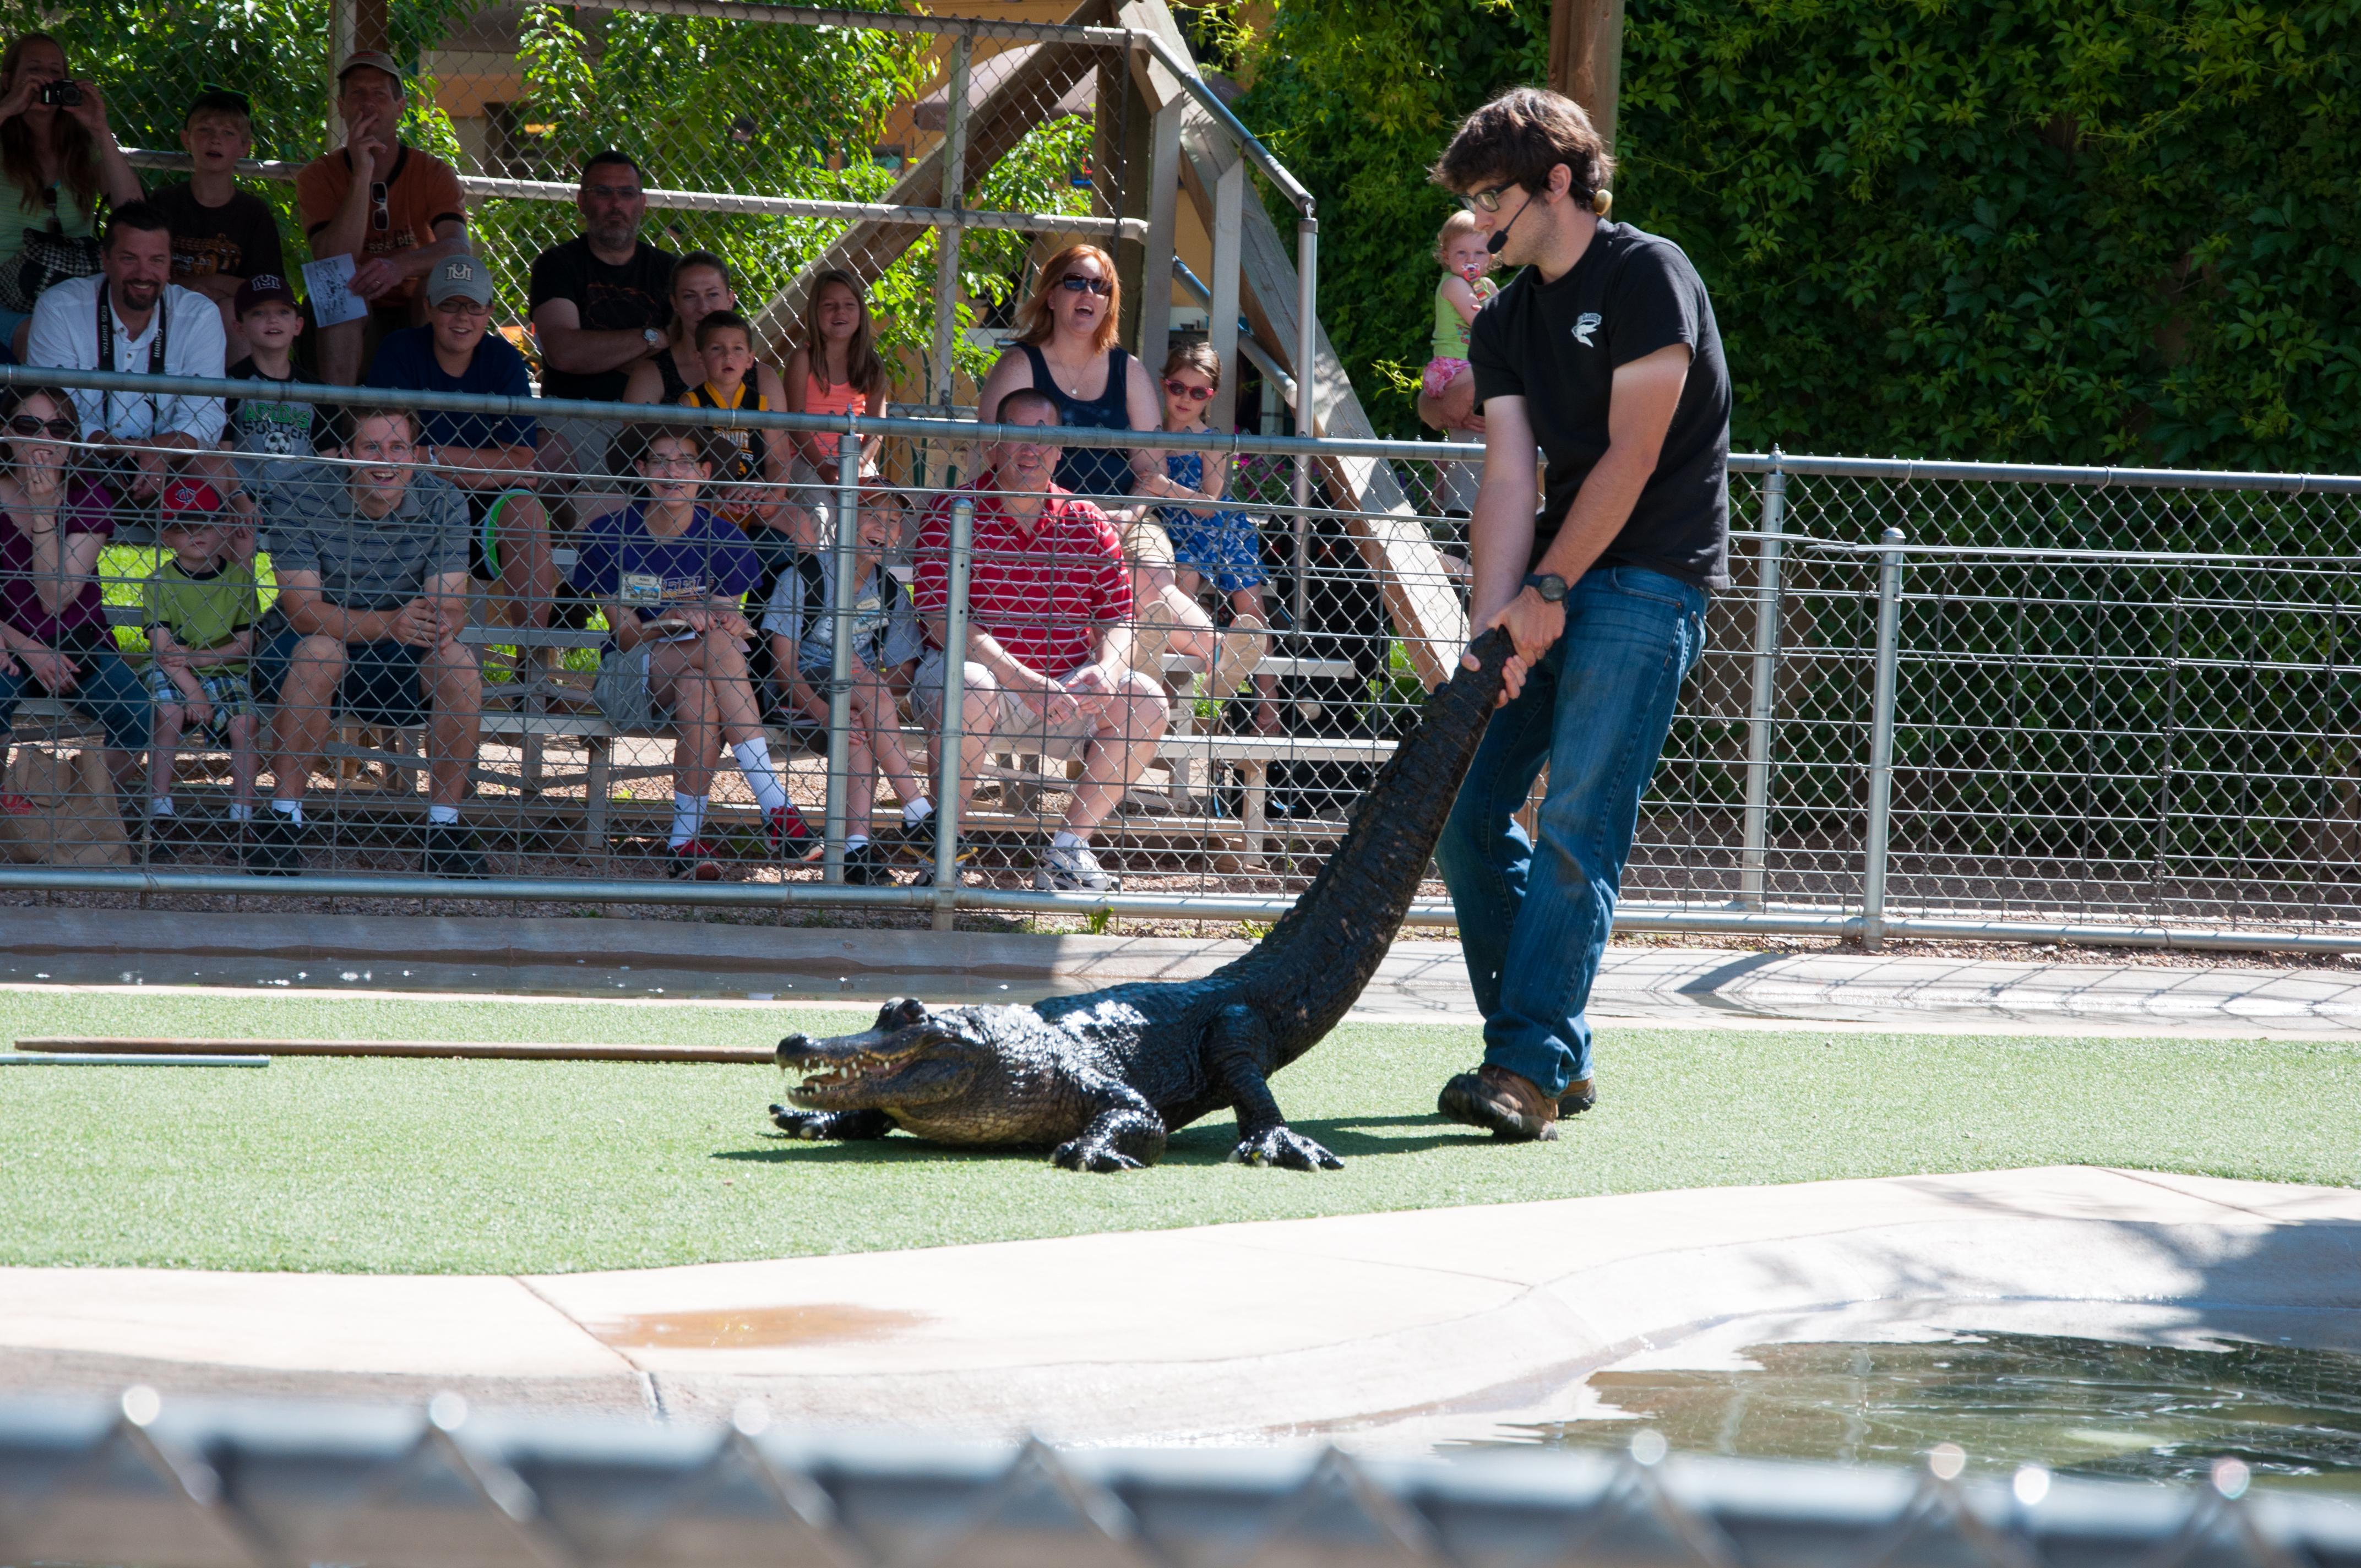 Reptile Gardens 2 Snap Eat Run